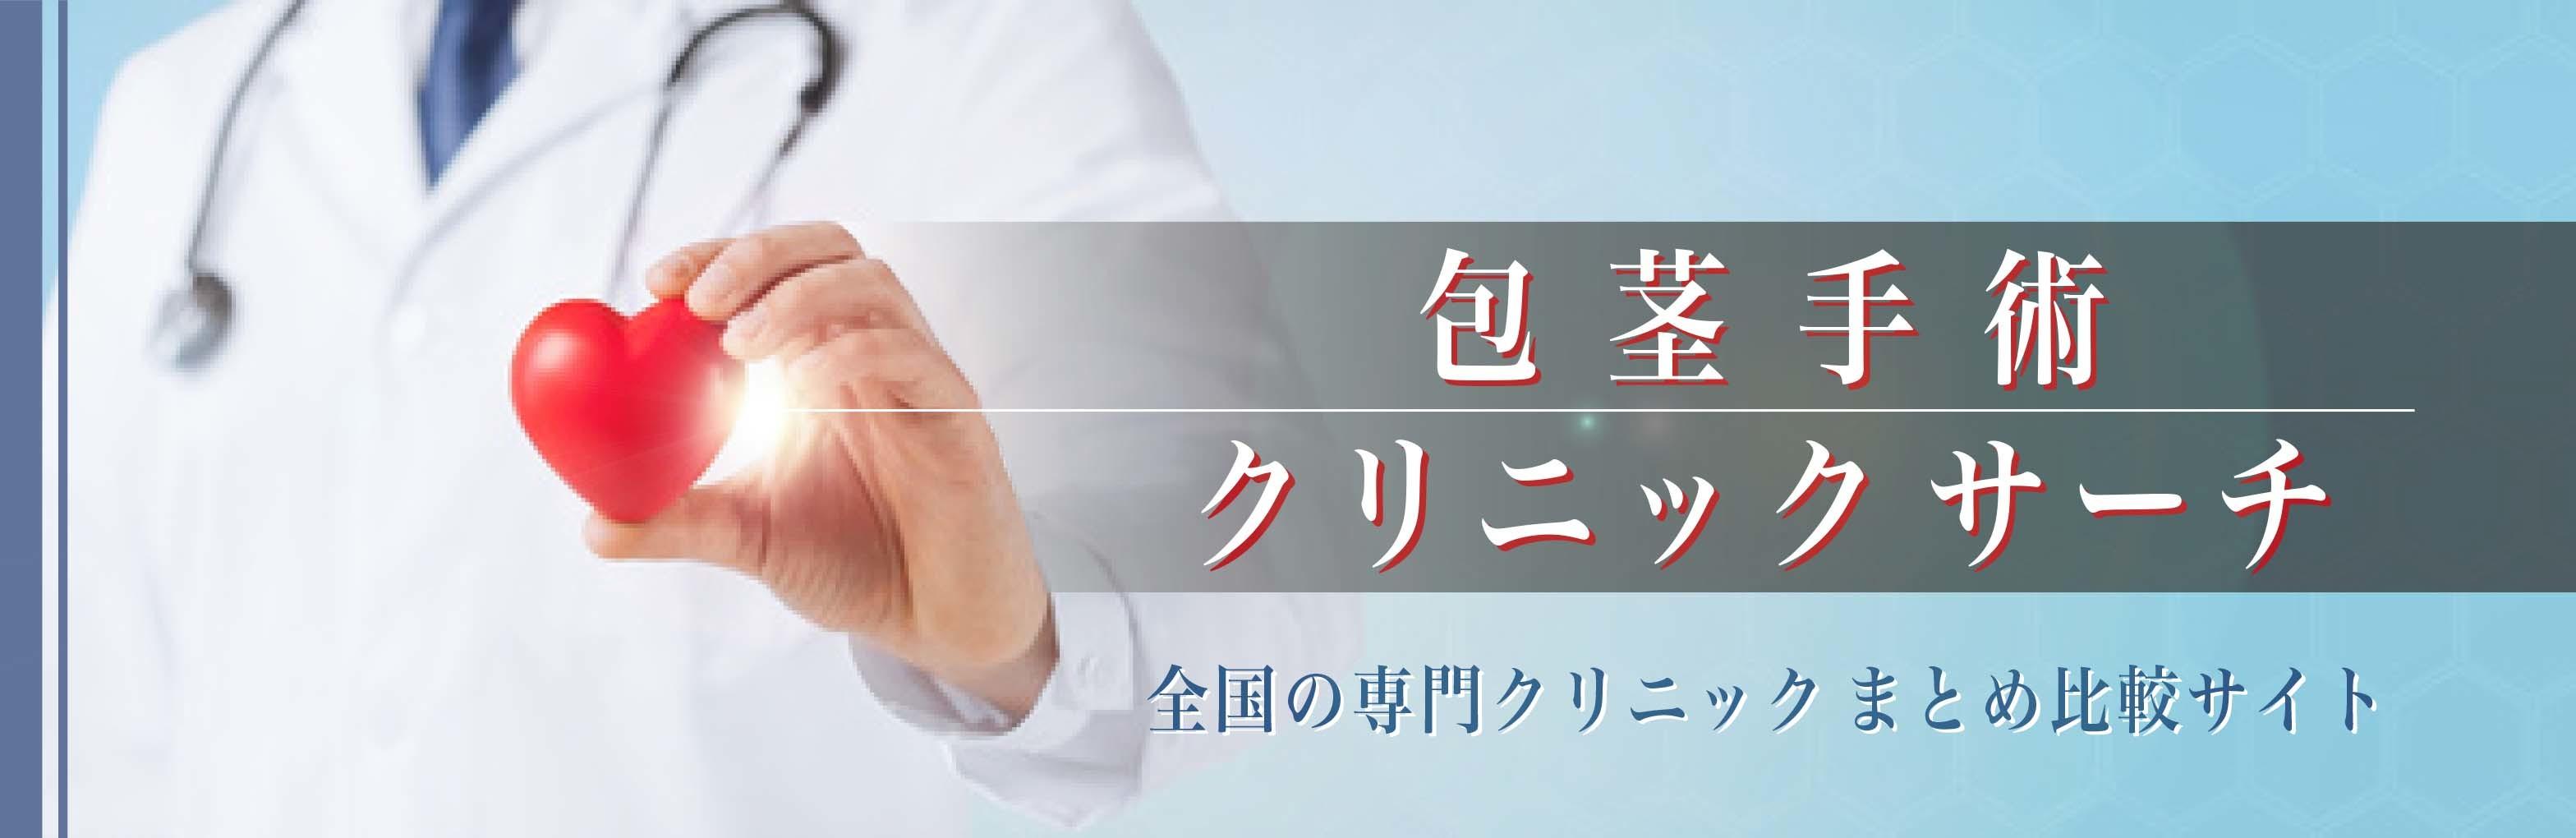 包茎手術クリニックサーチ